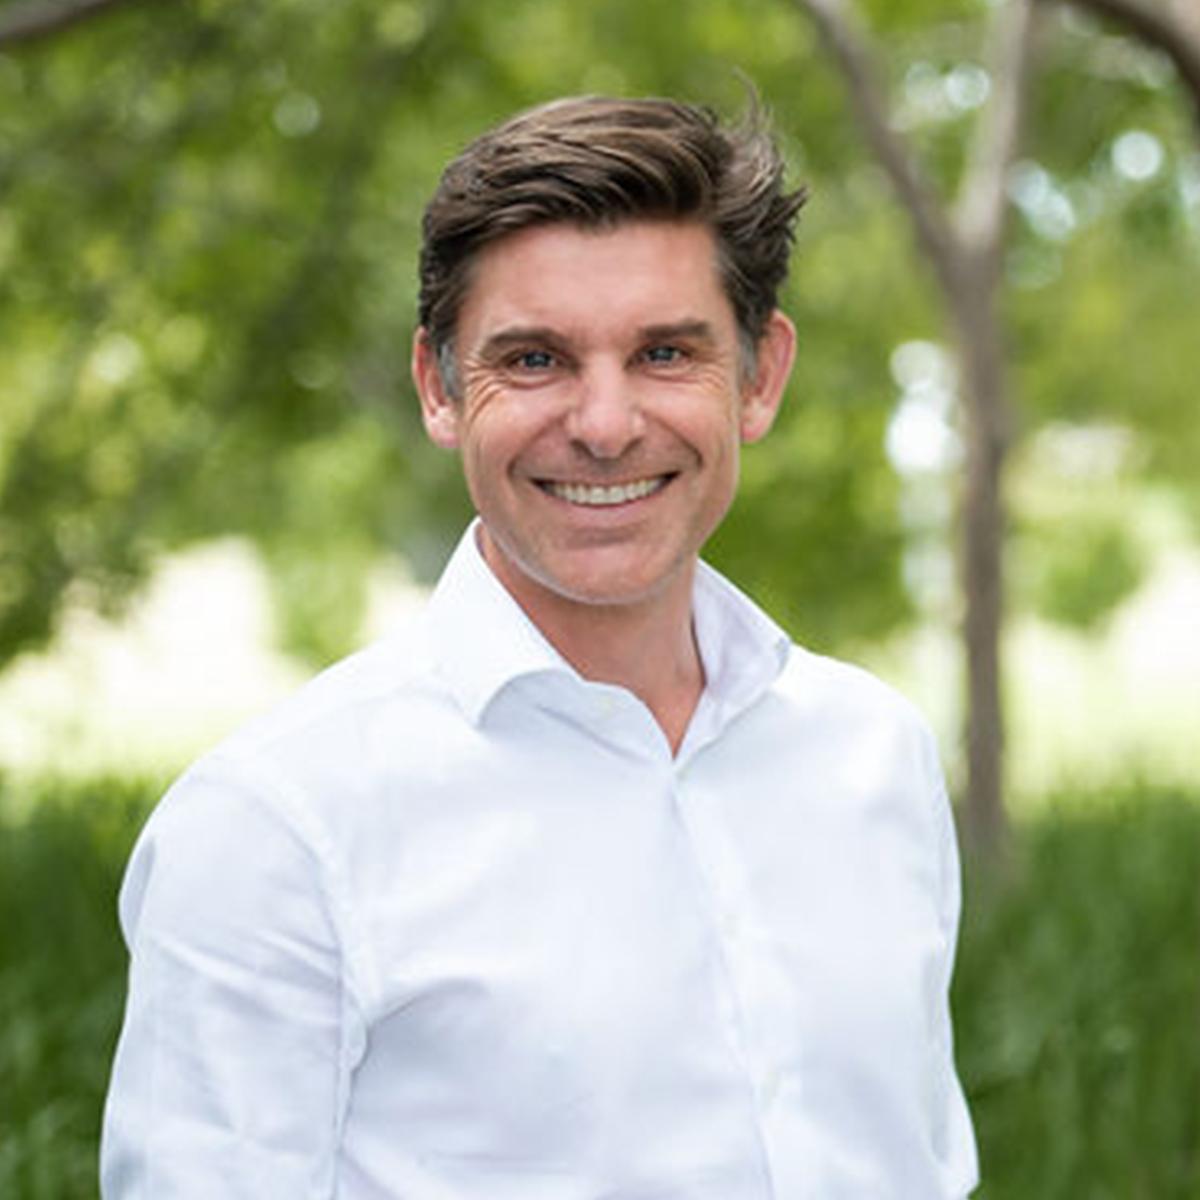 Brendan Pihan Essendon Fields CEO